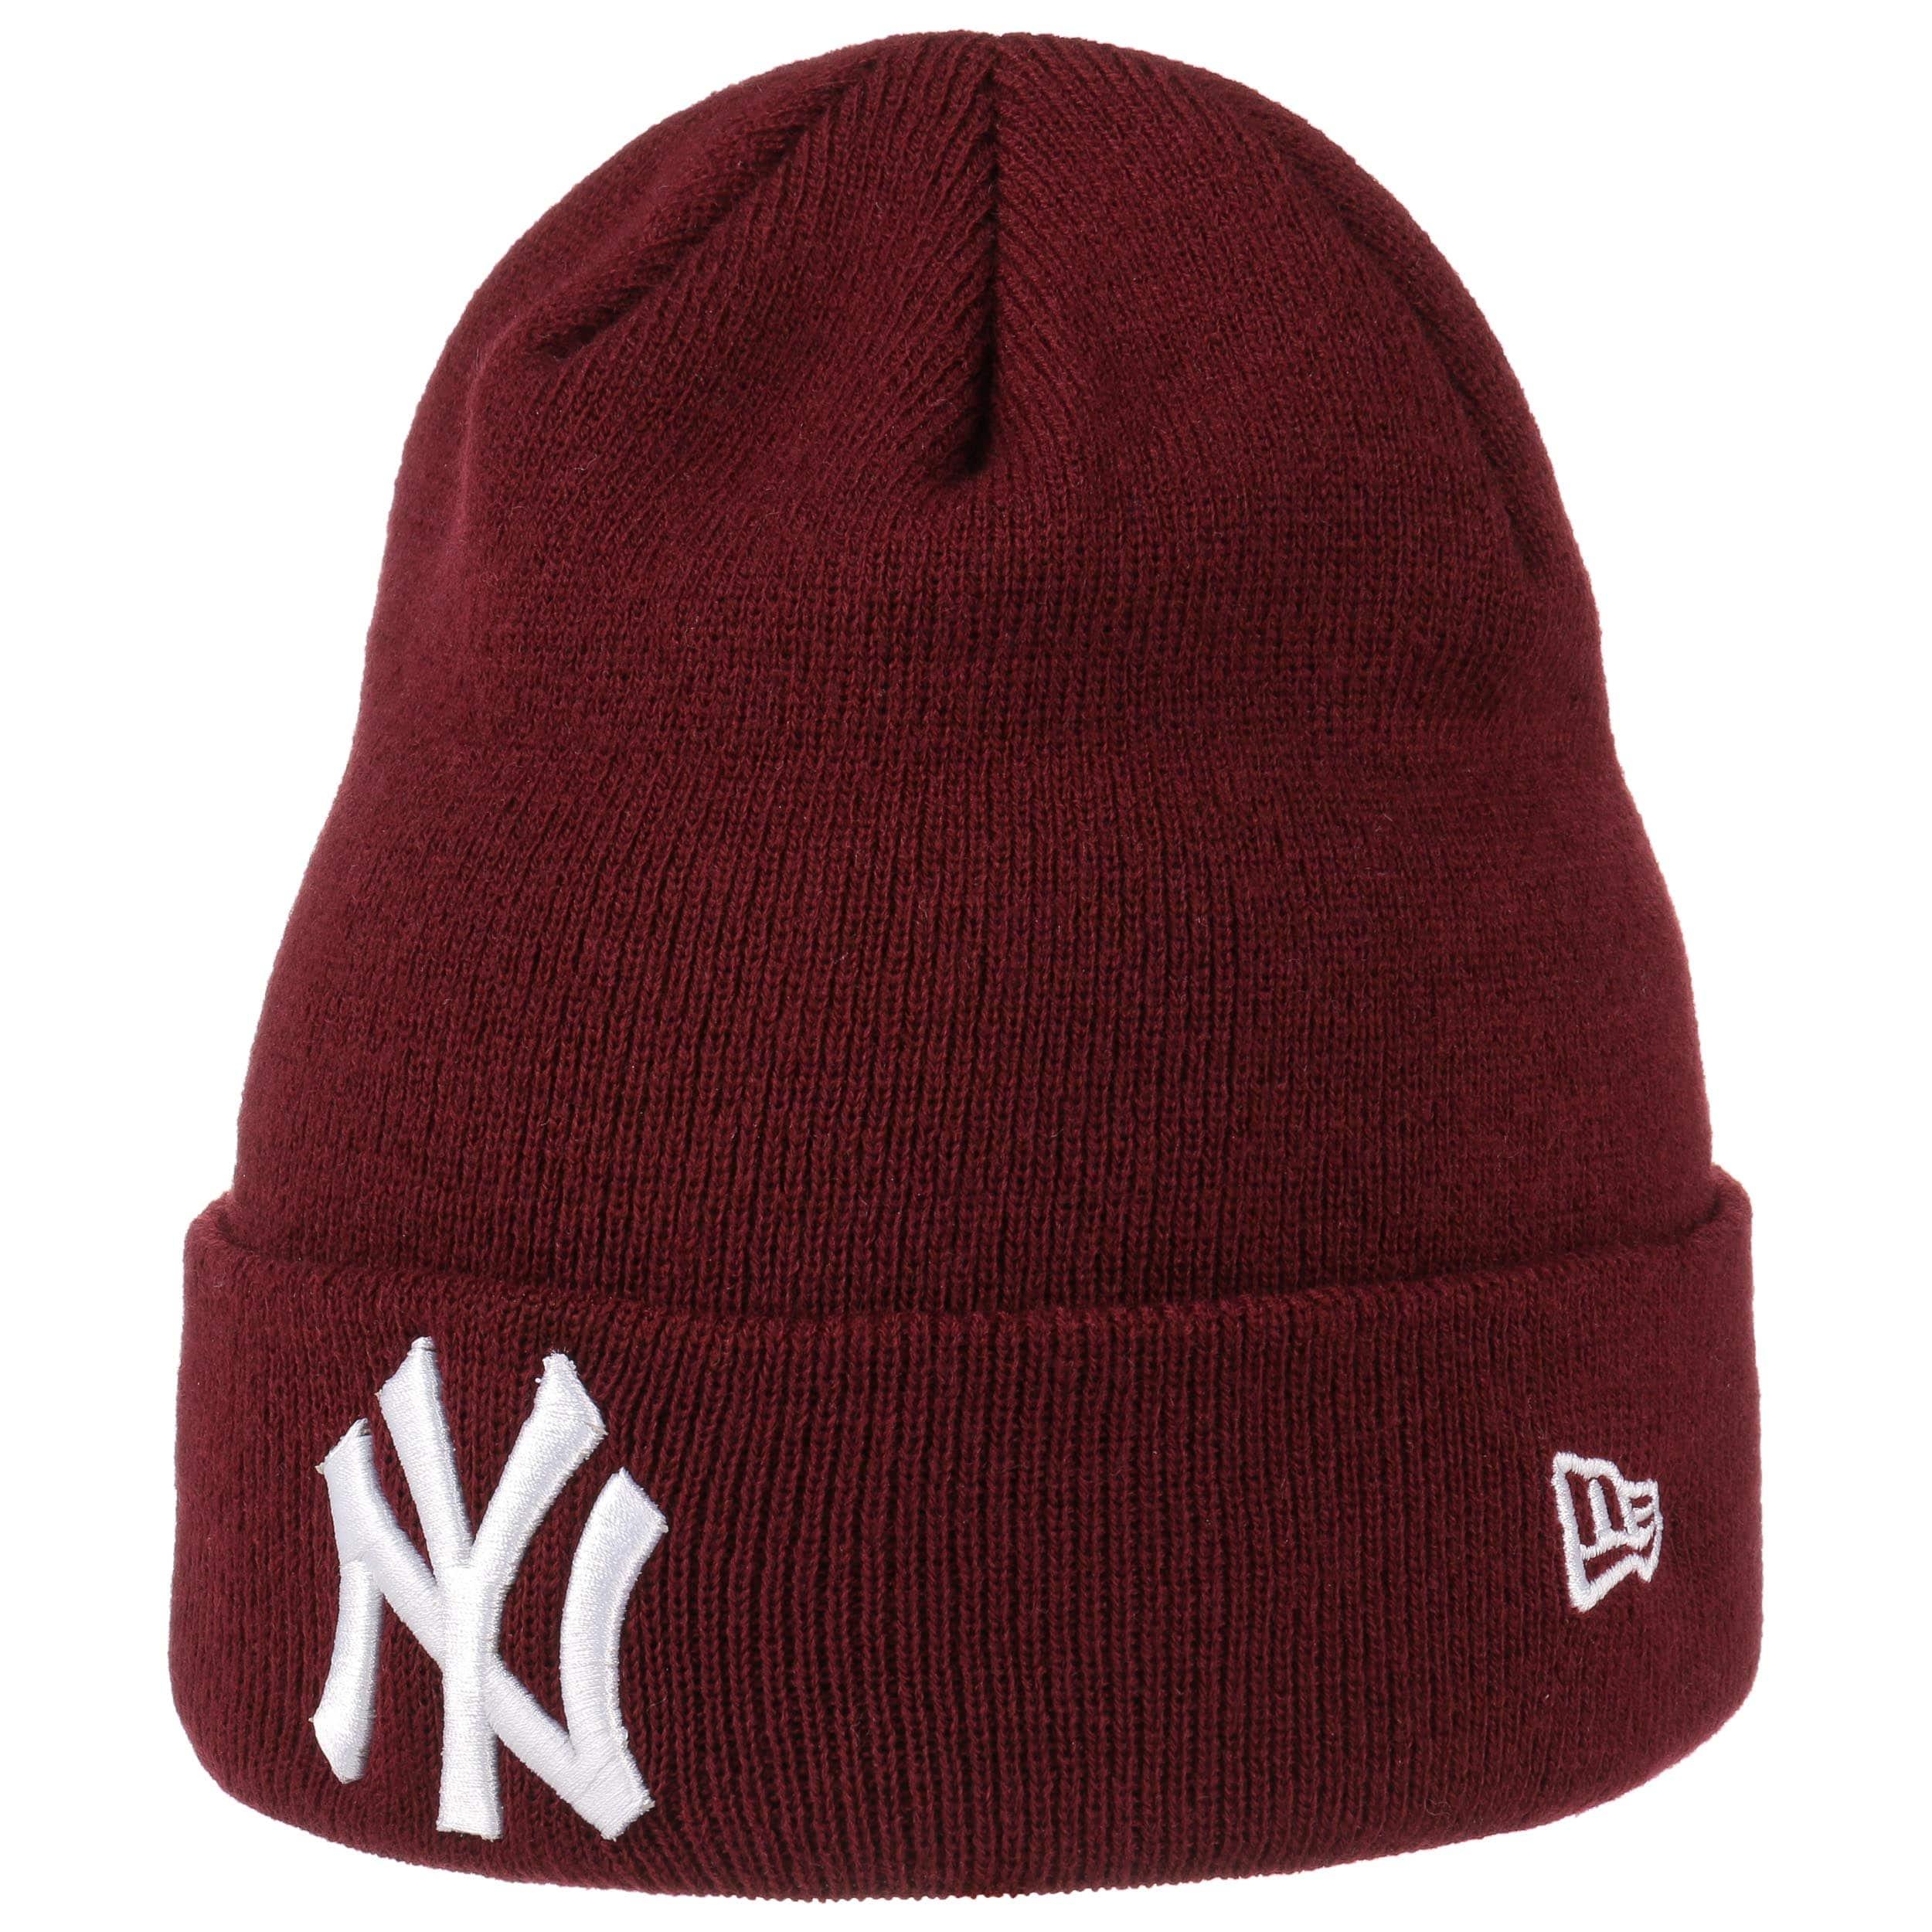 47517f0c2f6de Gorro Beanie Ess Cuff Yankees by New Era - Gorros - sombreroshop.es